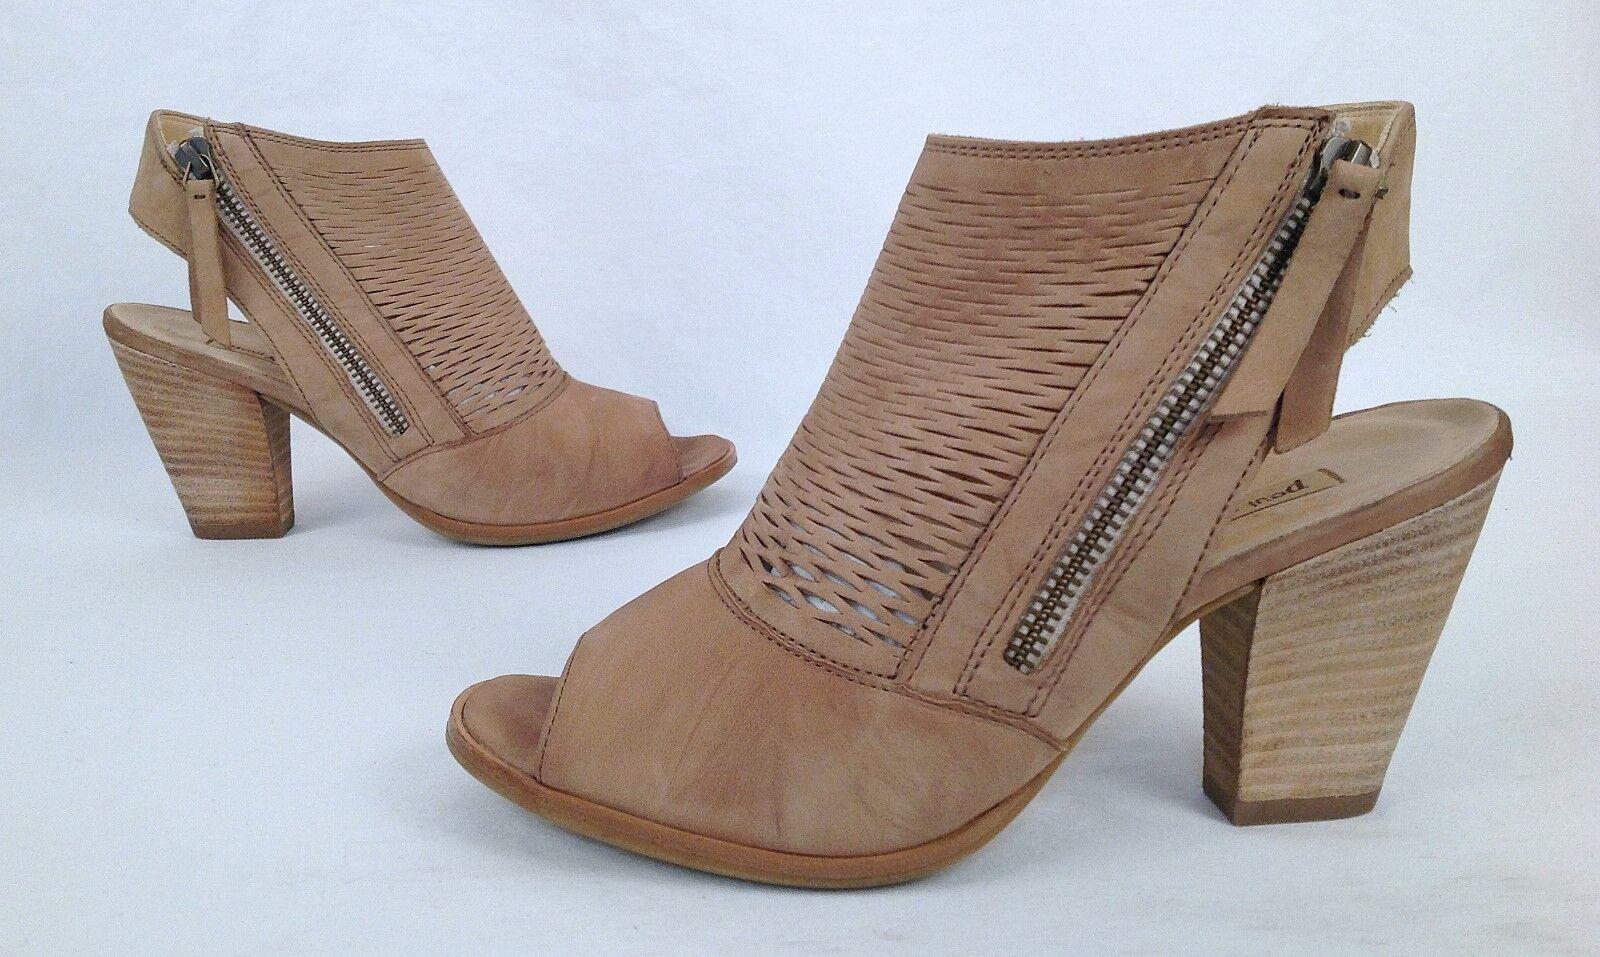 Paul Green & 039;Willowi& 039; Peep Toe Sandal- Sisal Leather-  US 5.5  AU 3-  349 (P21)